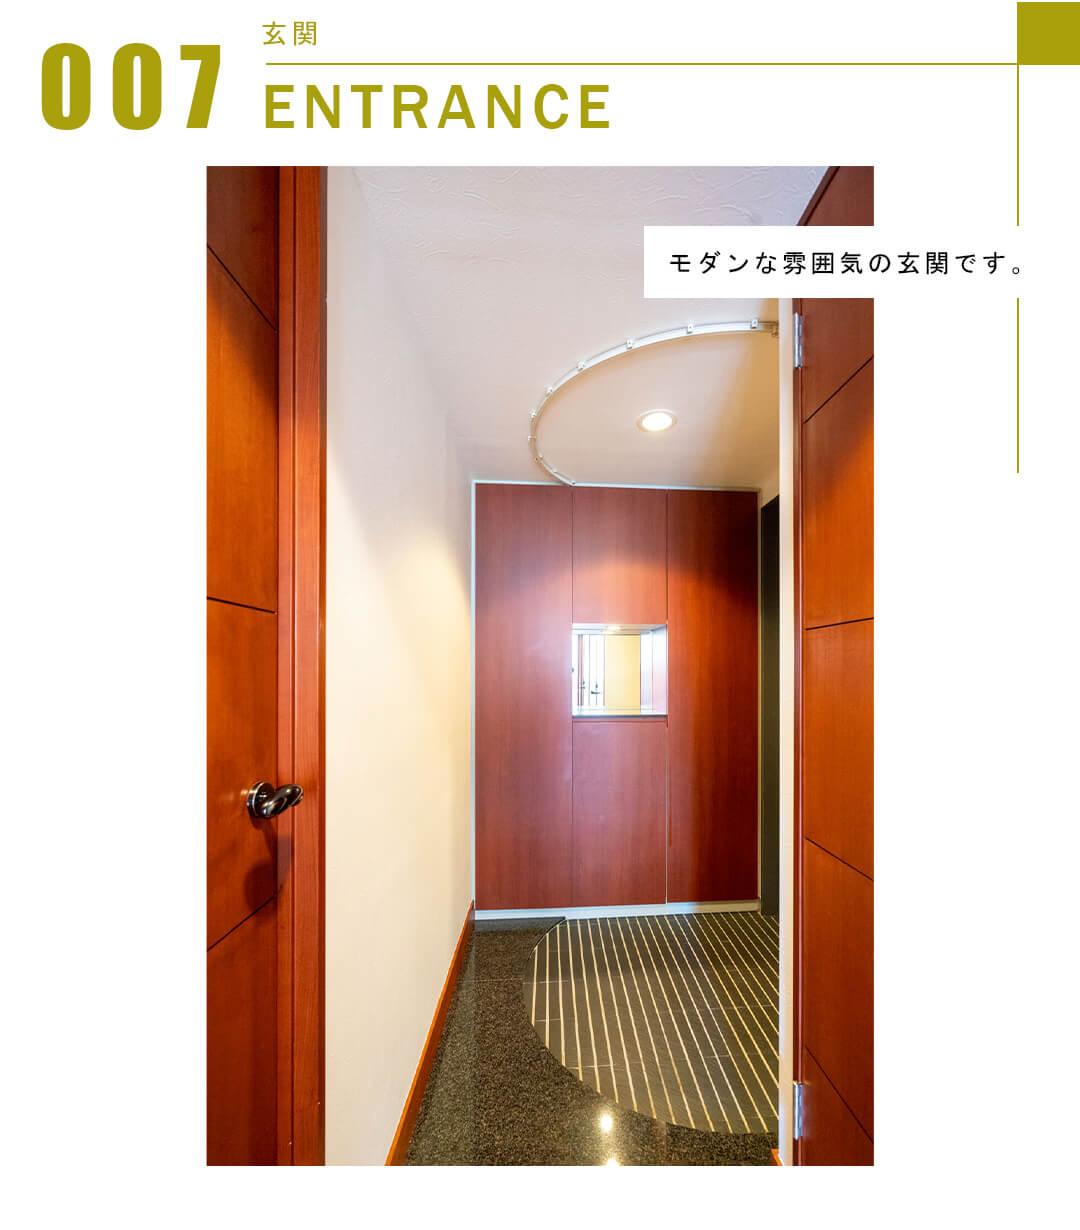 007玄関,ENTRANCE